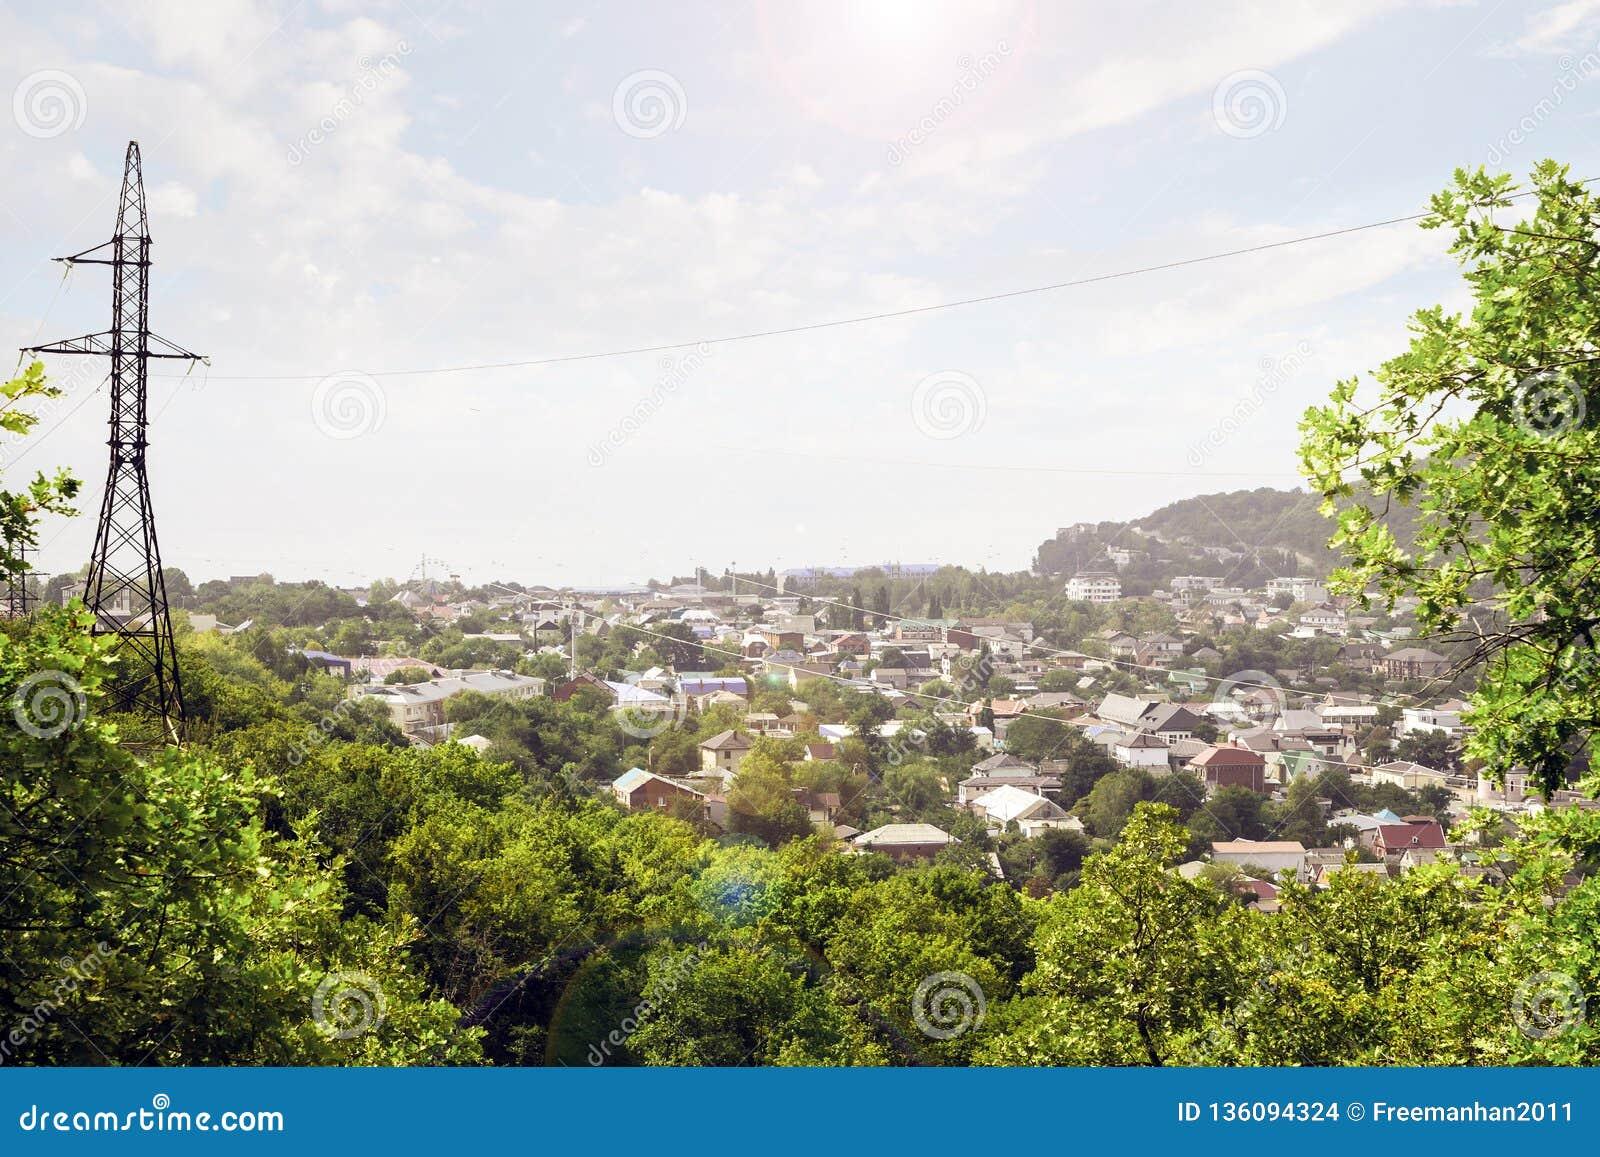 Панорама маленького города и высоковольтной электрической башни для того чтобы поставить электричество к населению